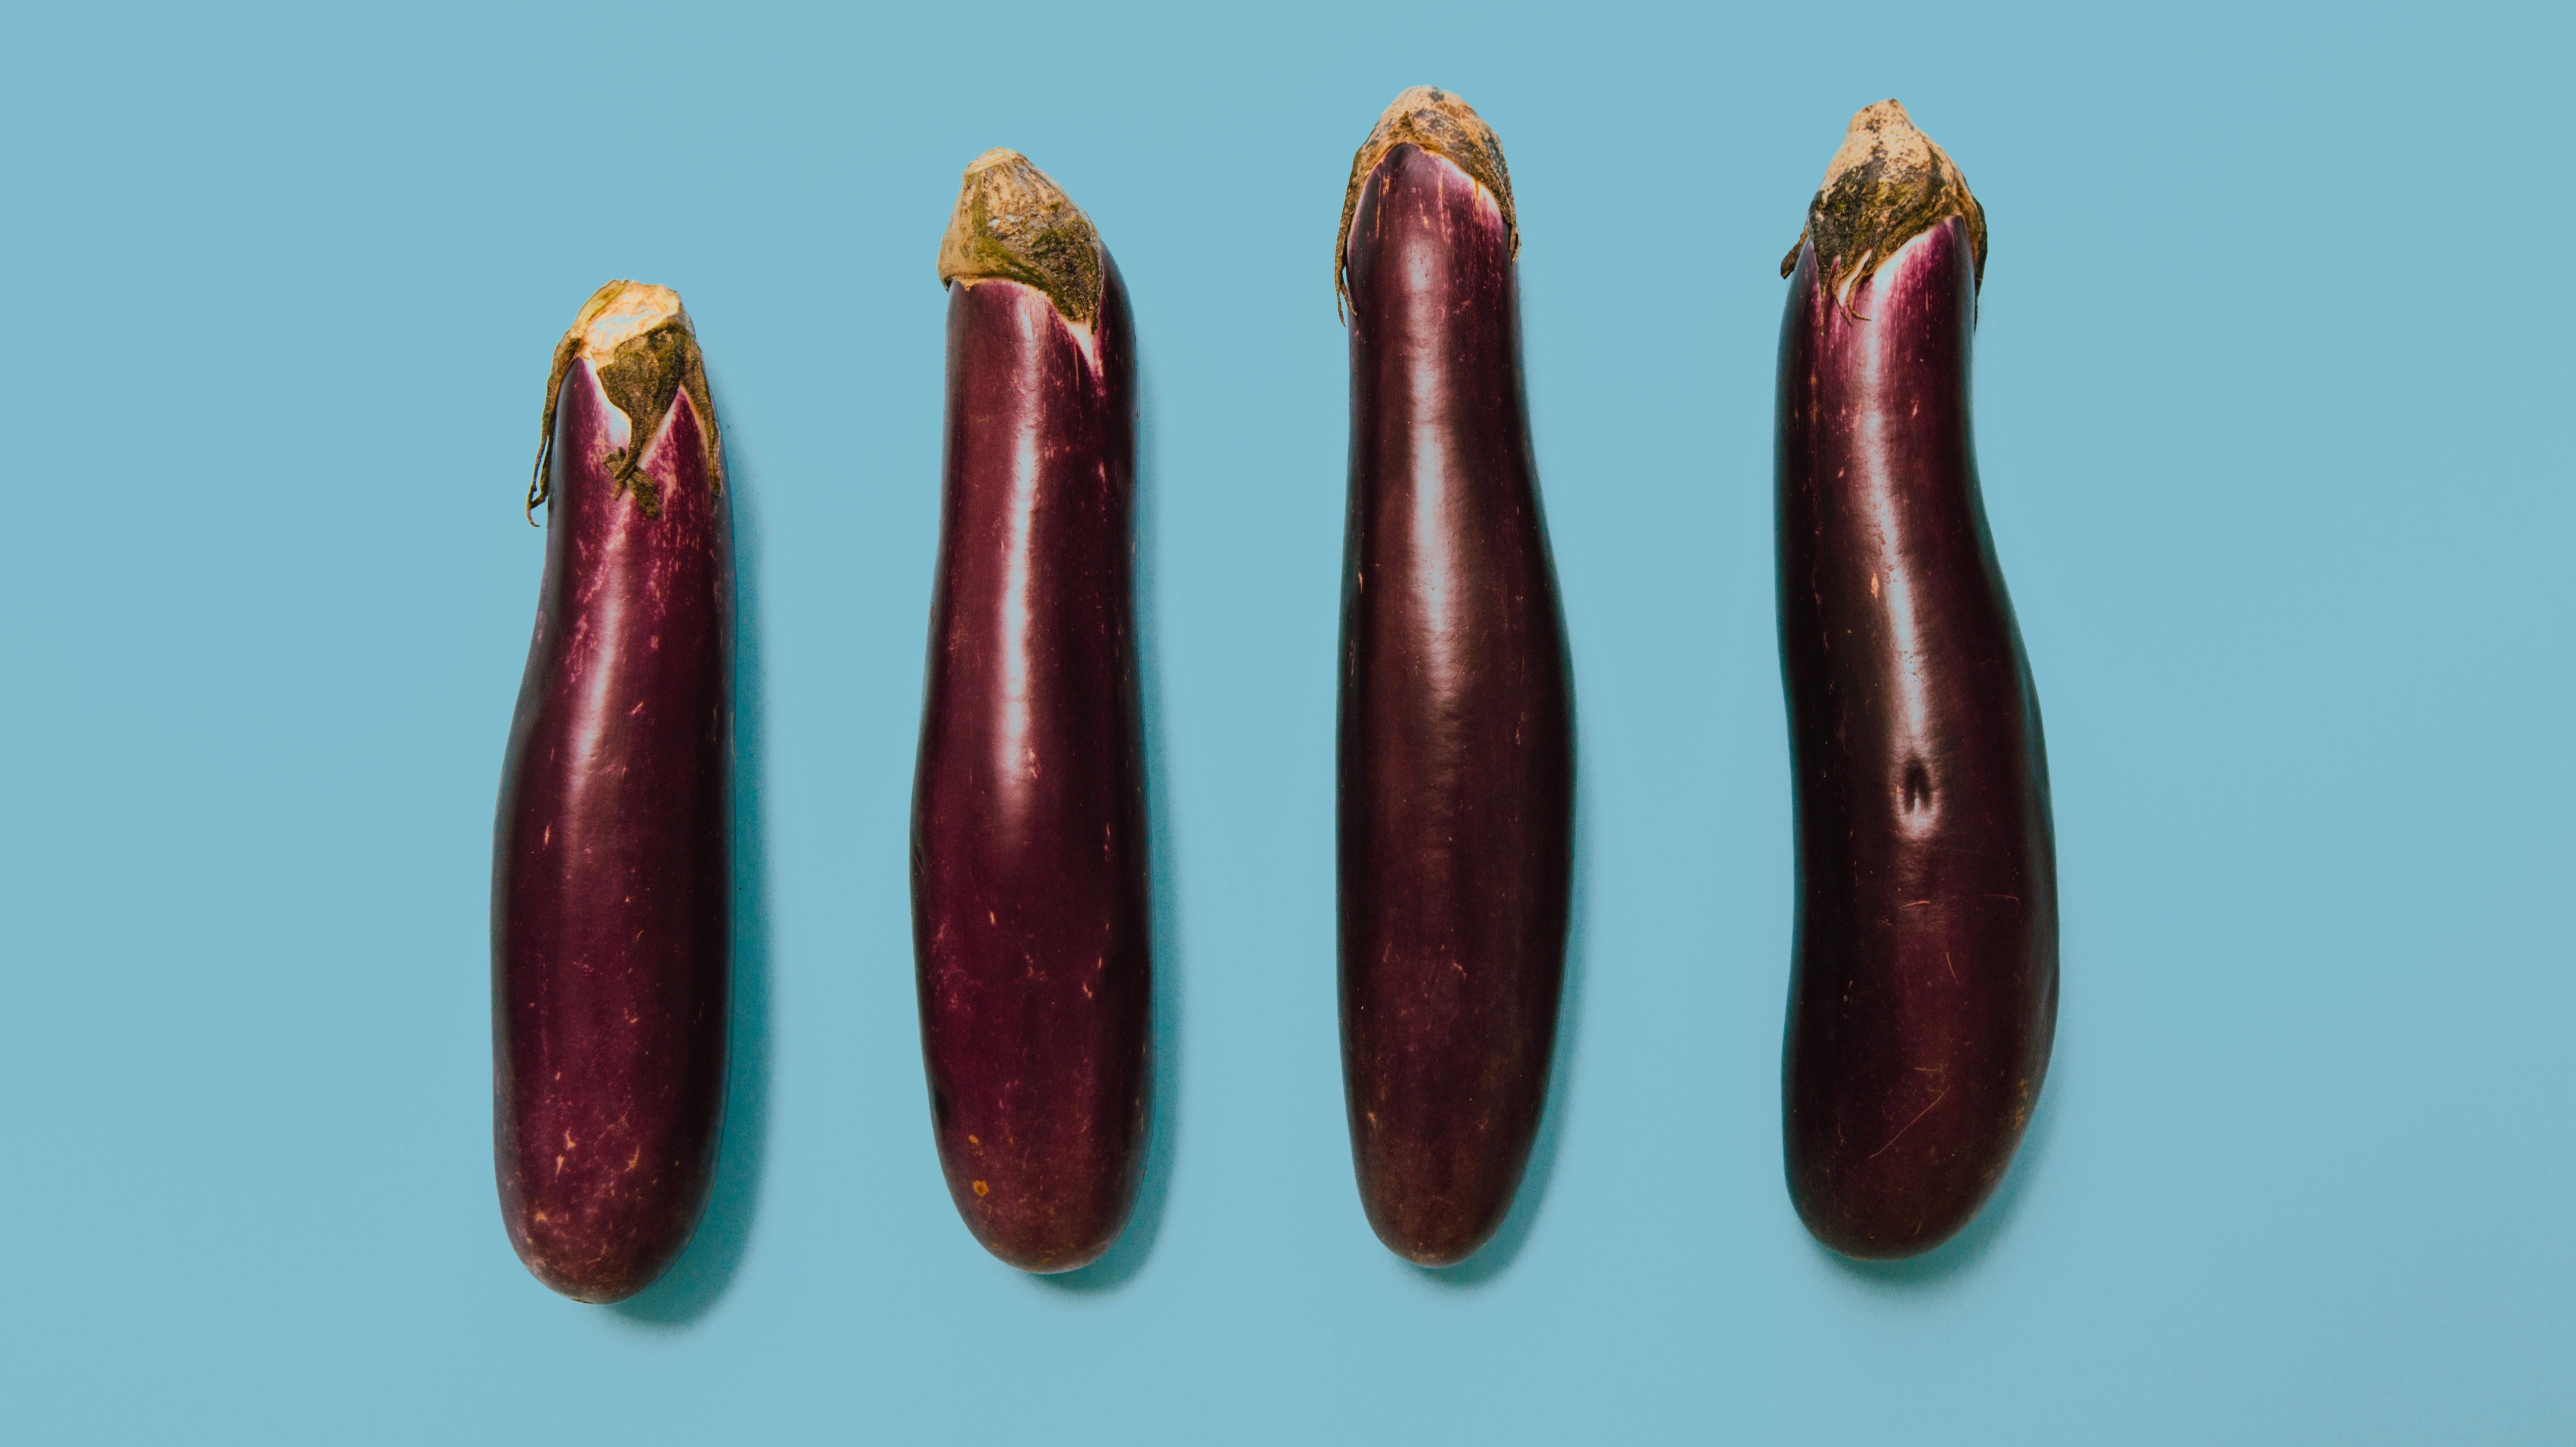 timp scurt de erecție vitamine pentru îmbunătățirea erecțiilor